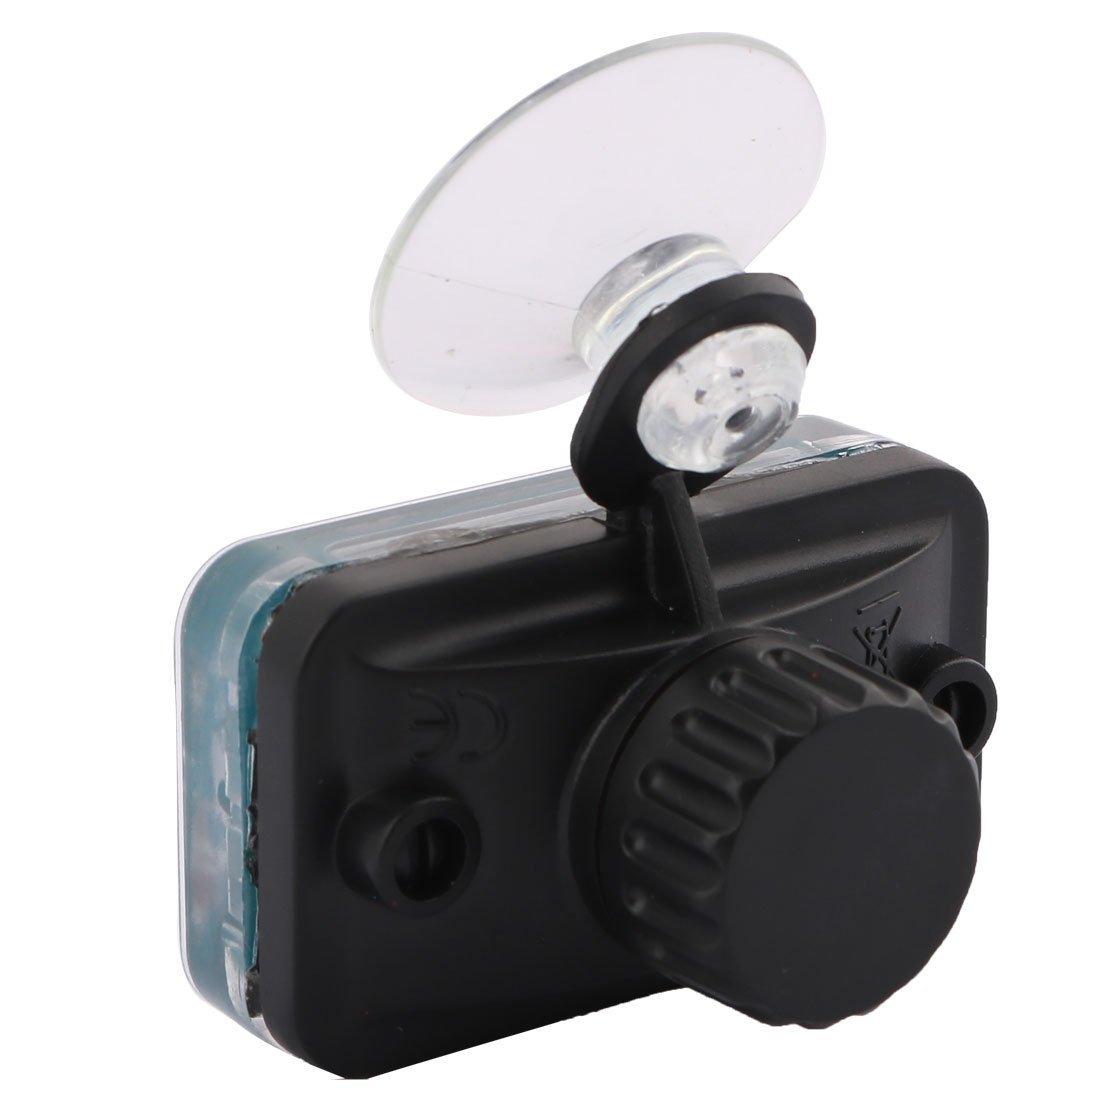 Amazon.com : eDealMax Pantalla LCD peces de acuario tanque resistente al agua la temperatura del termómetro Digital : Pet Supplies